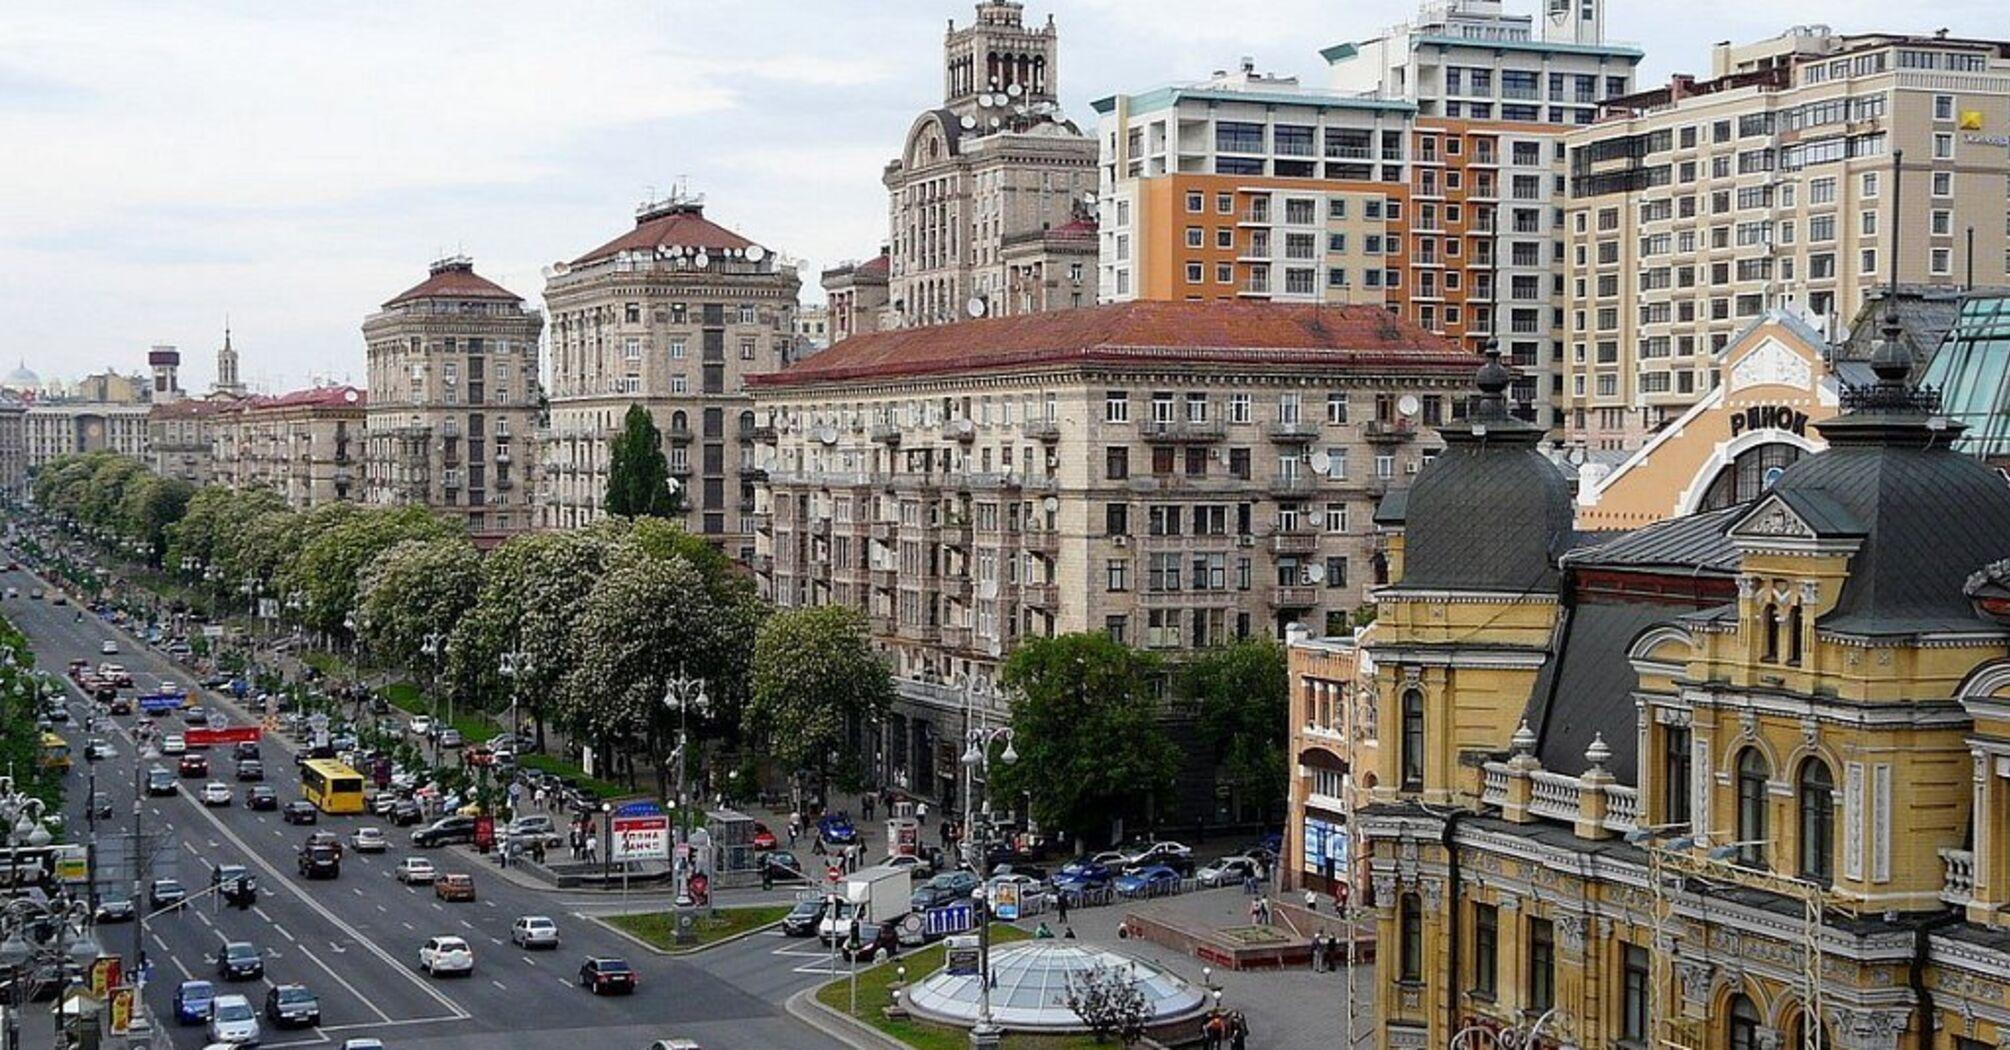 Київ зайняв 18 місце за якістю життя серед великих міст України. Чим незадоволені кияни?